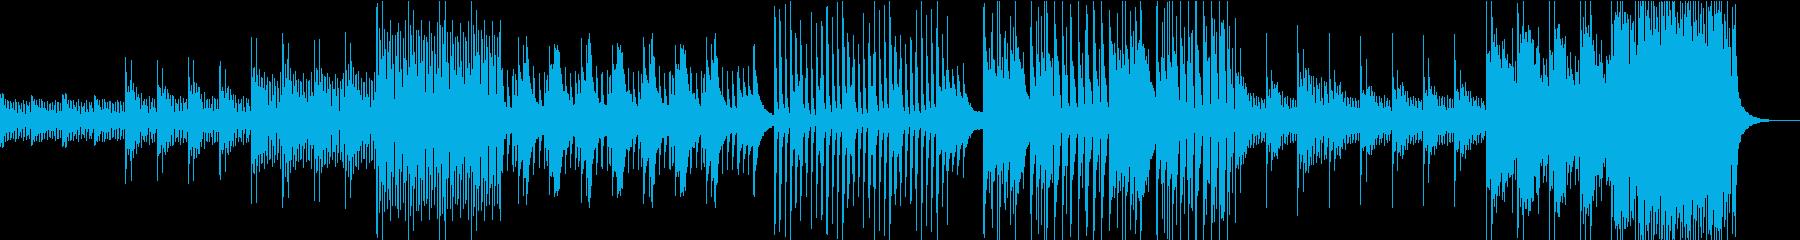 物語の始まりをイメージしたピアノインストの再生済みの波形